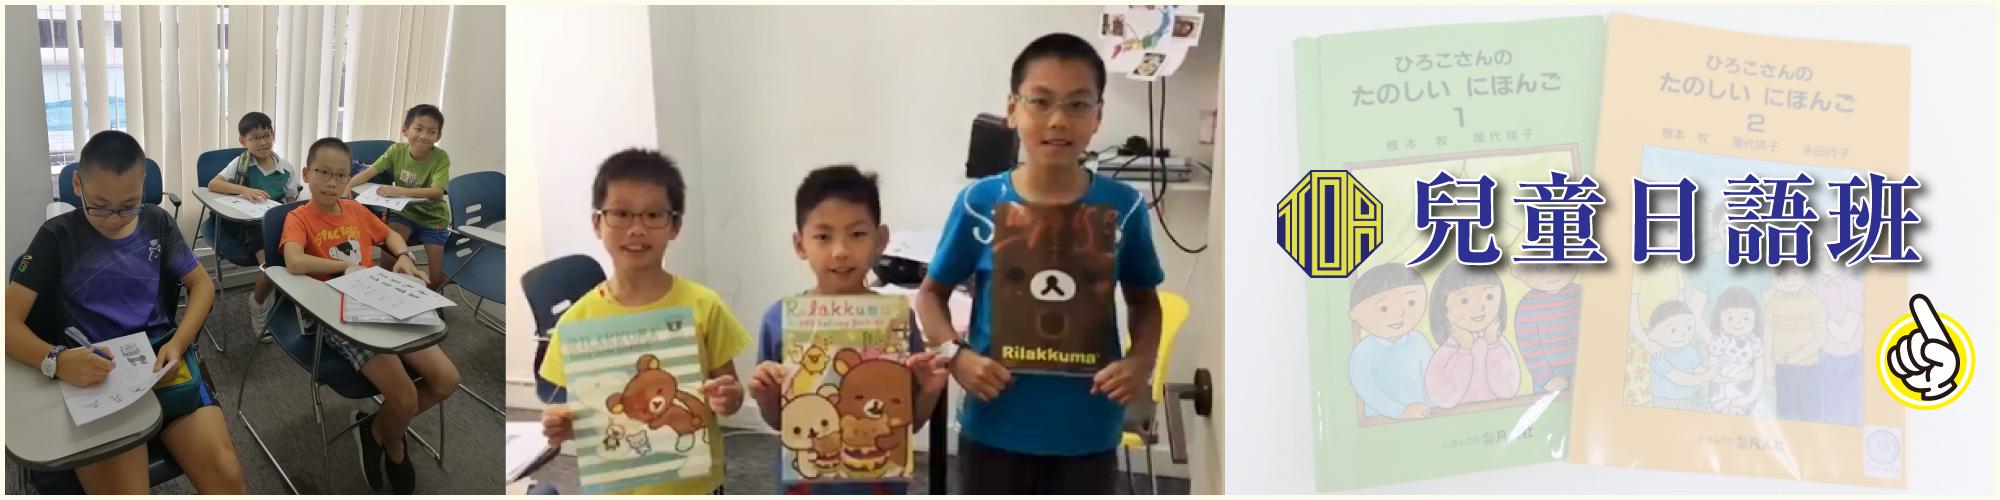 日文 日本語 日語 japanese 兒童日語班 kids course